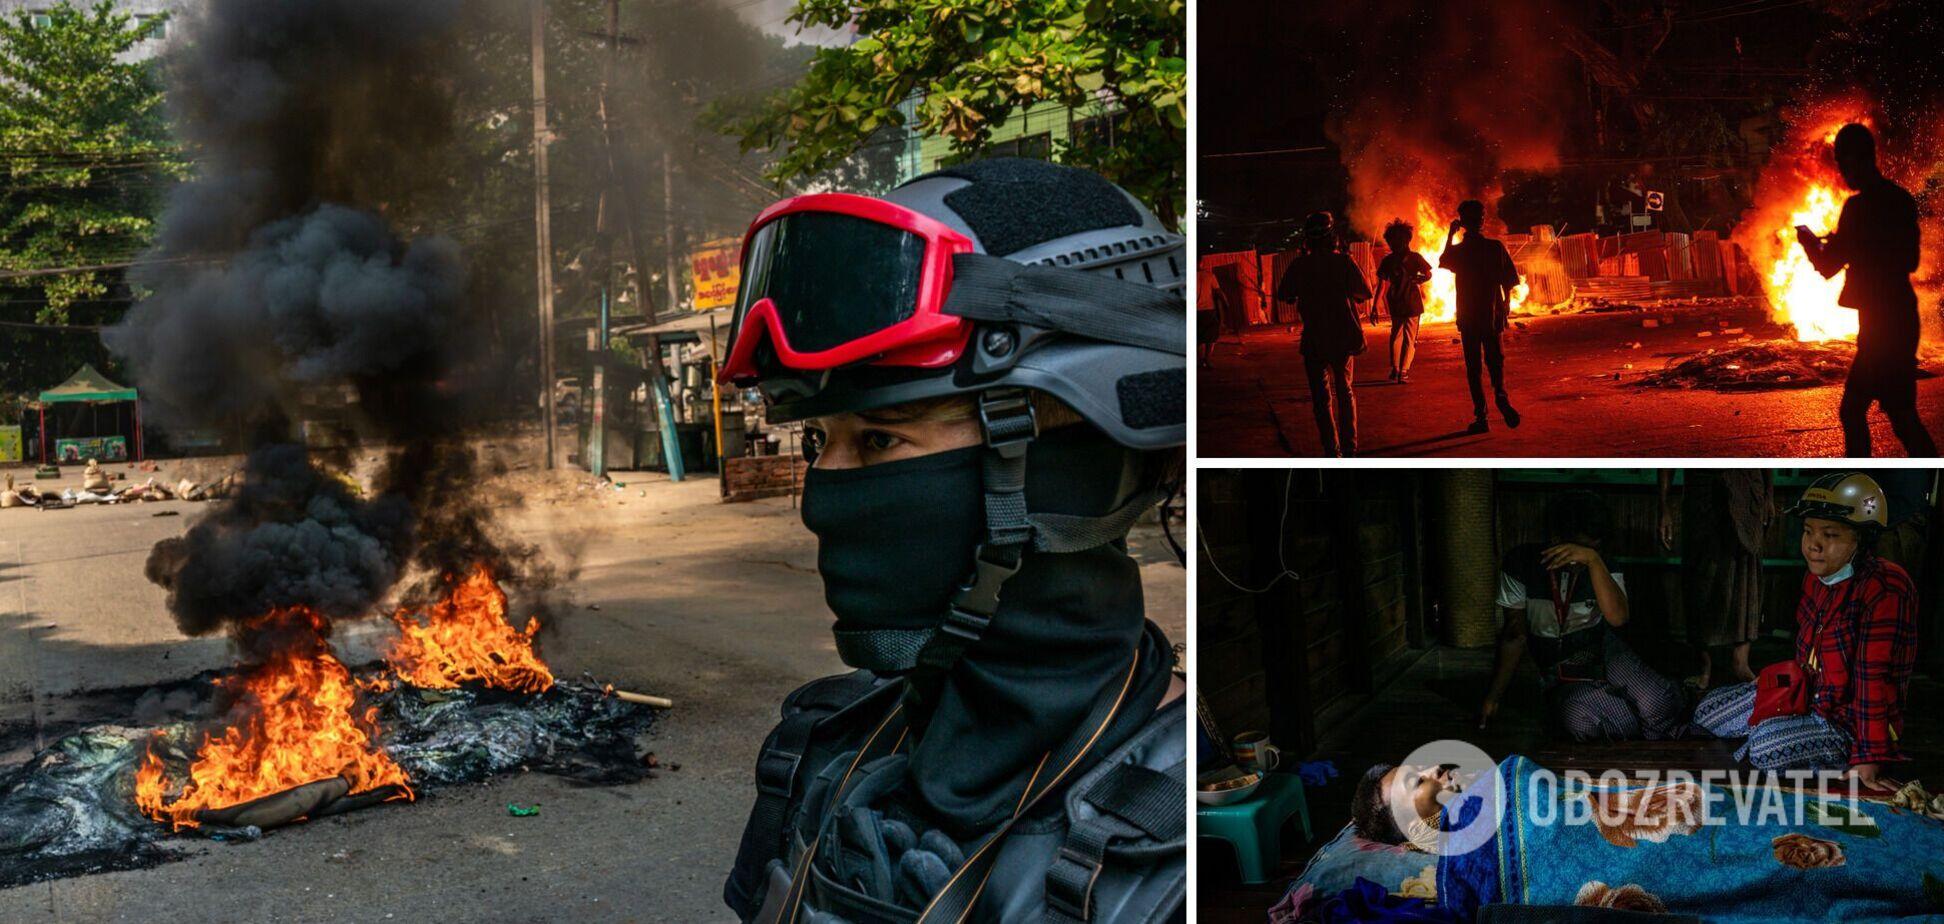 СМИ: военные в Мьянме за день убили более 100 демонстрантов, в том числе и детей. Фото 18+